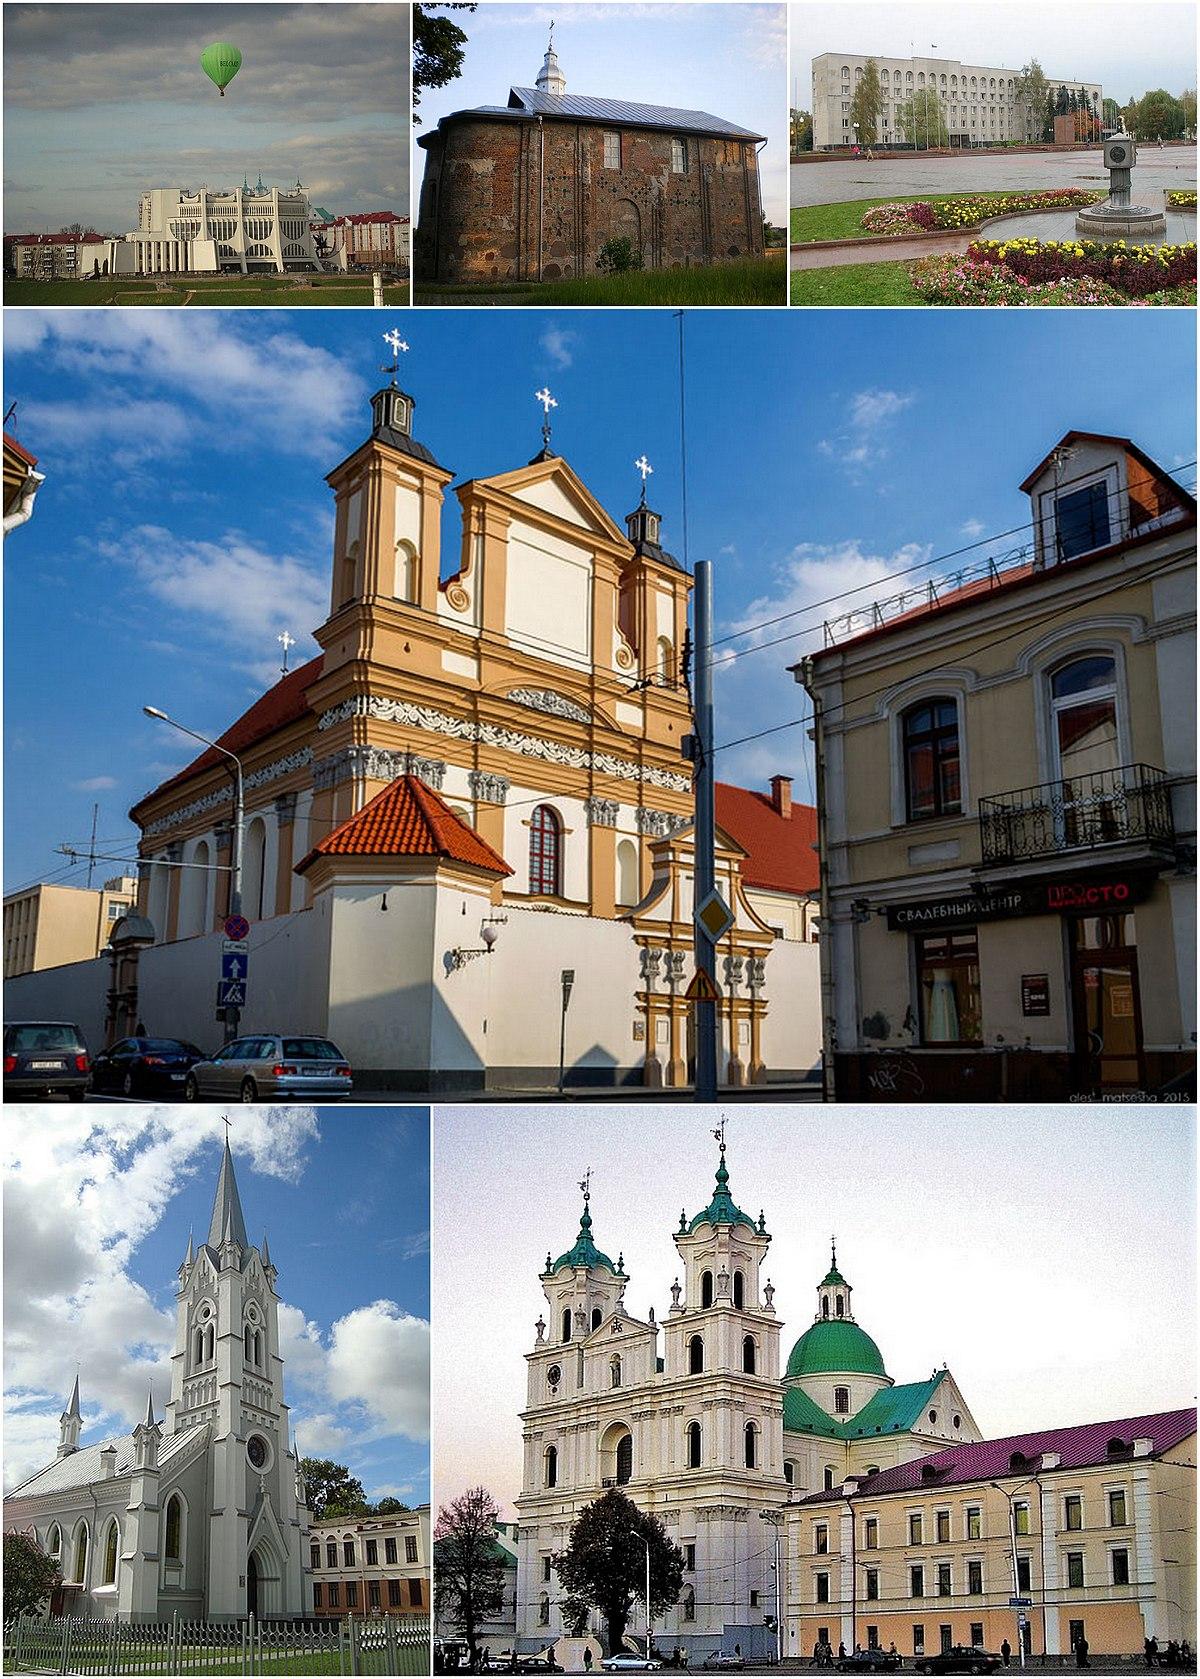 Grodno - Wikipedia